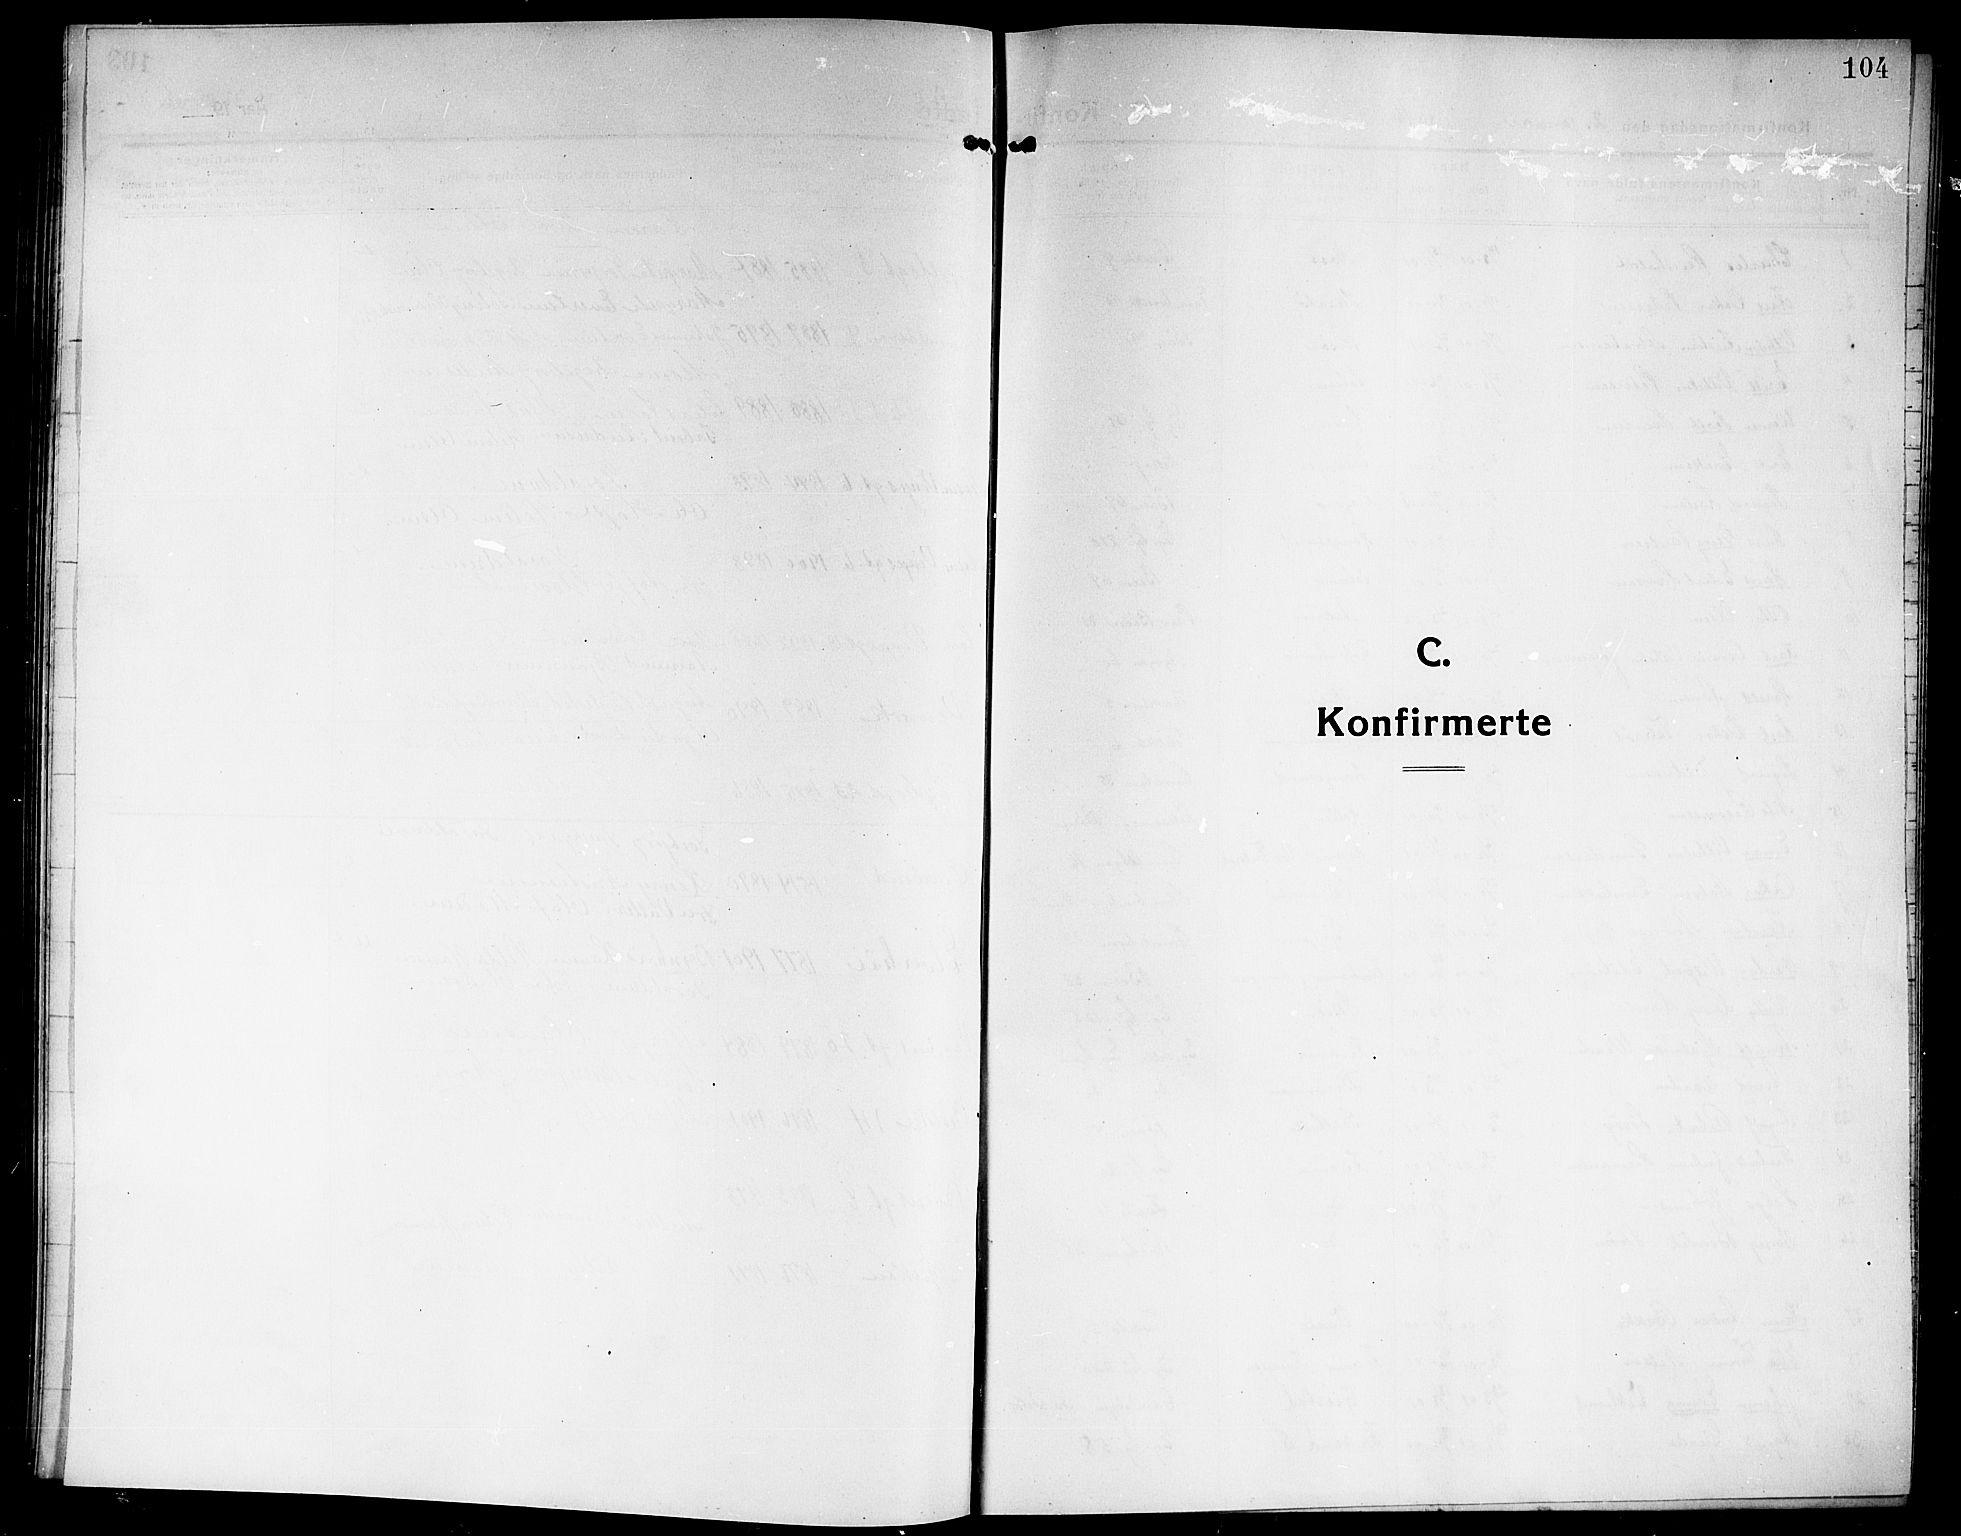 SAKO, Rjukan kirkebøker, G/Ga/L0002: Klokkerbok nr. 2, 1913-1920, s. 104